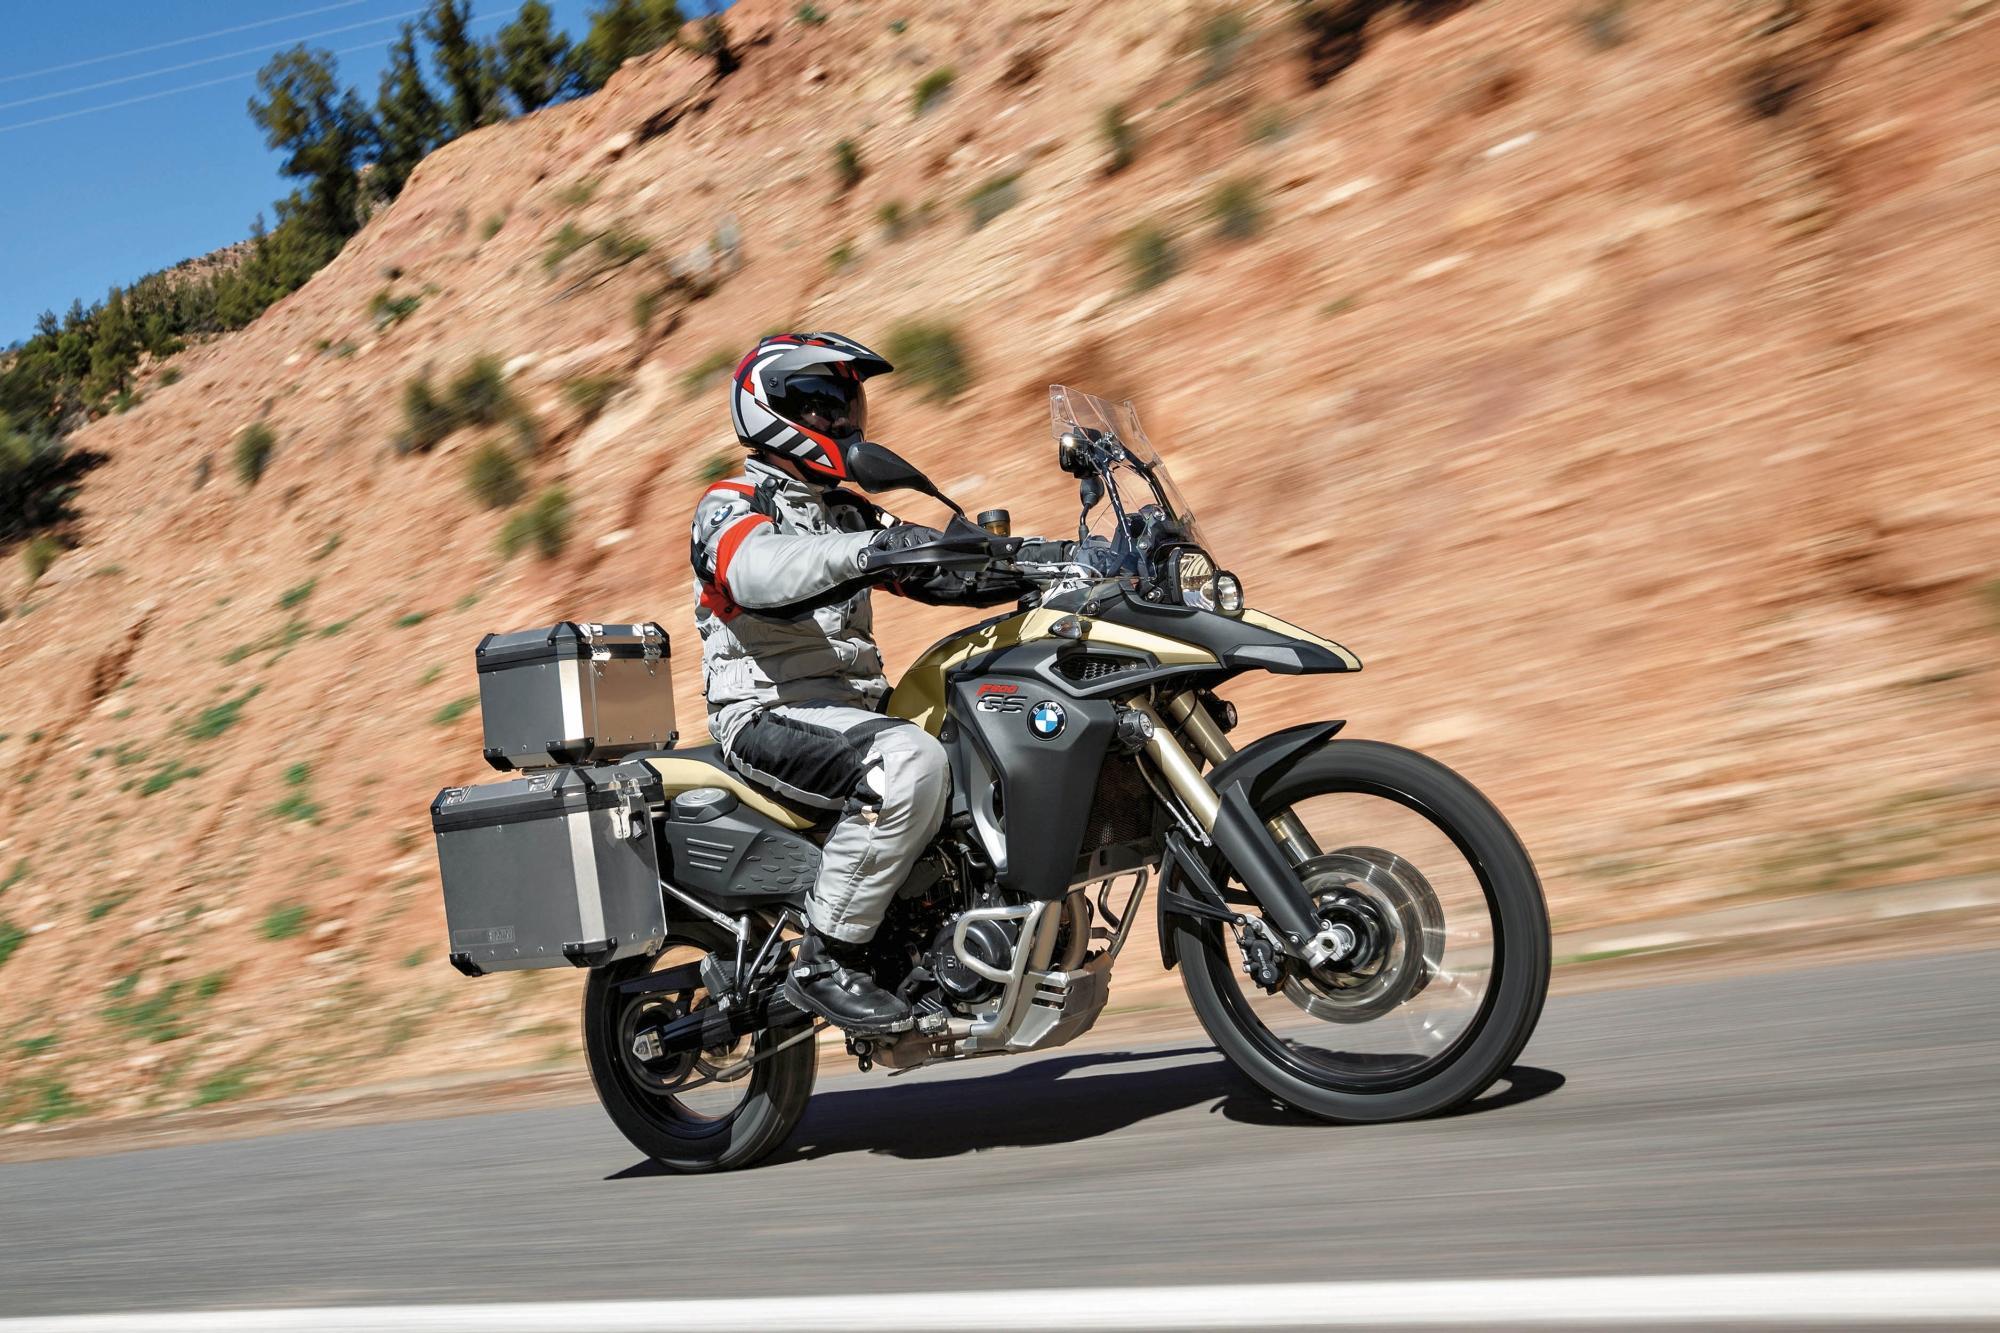 http://www.motorrad-bilder.at/slideshows/291/009407/83.jpg